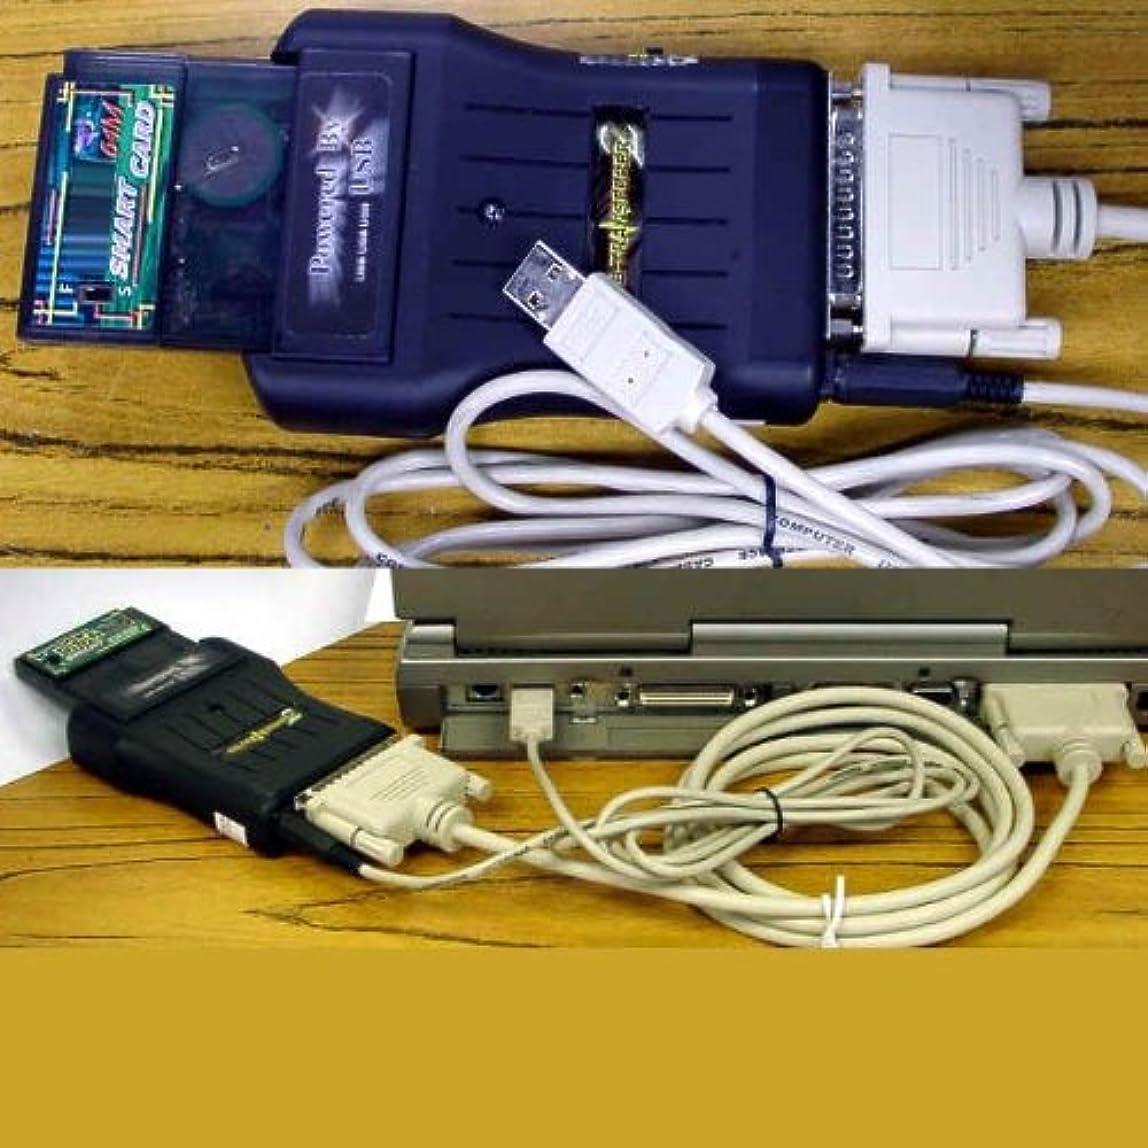 を必要としています加入聖なるNEOGEO mini HDMIケーブル (2M)